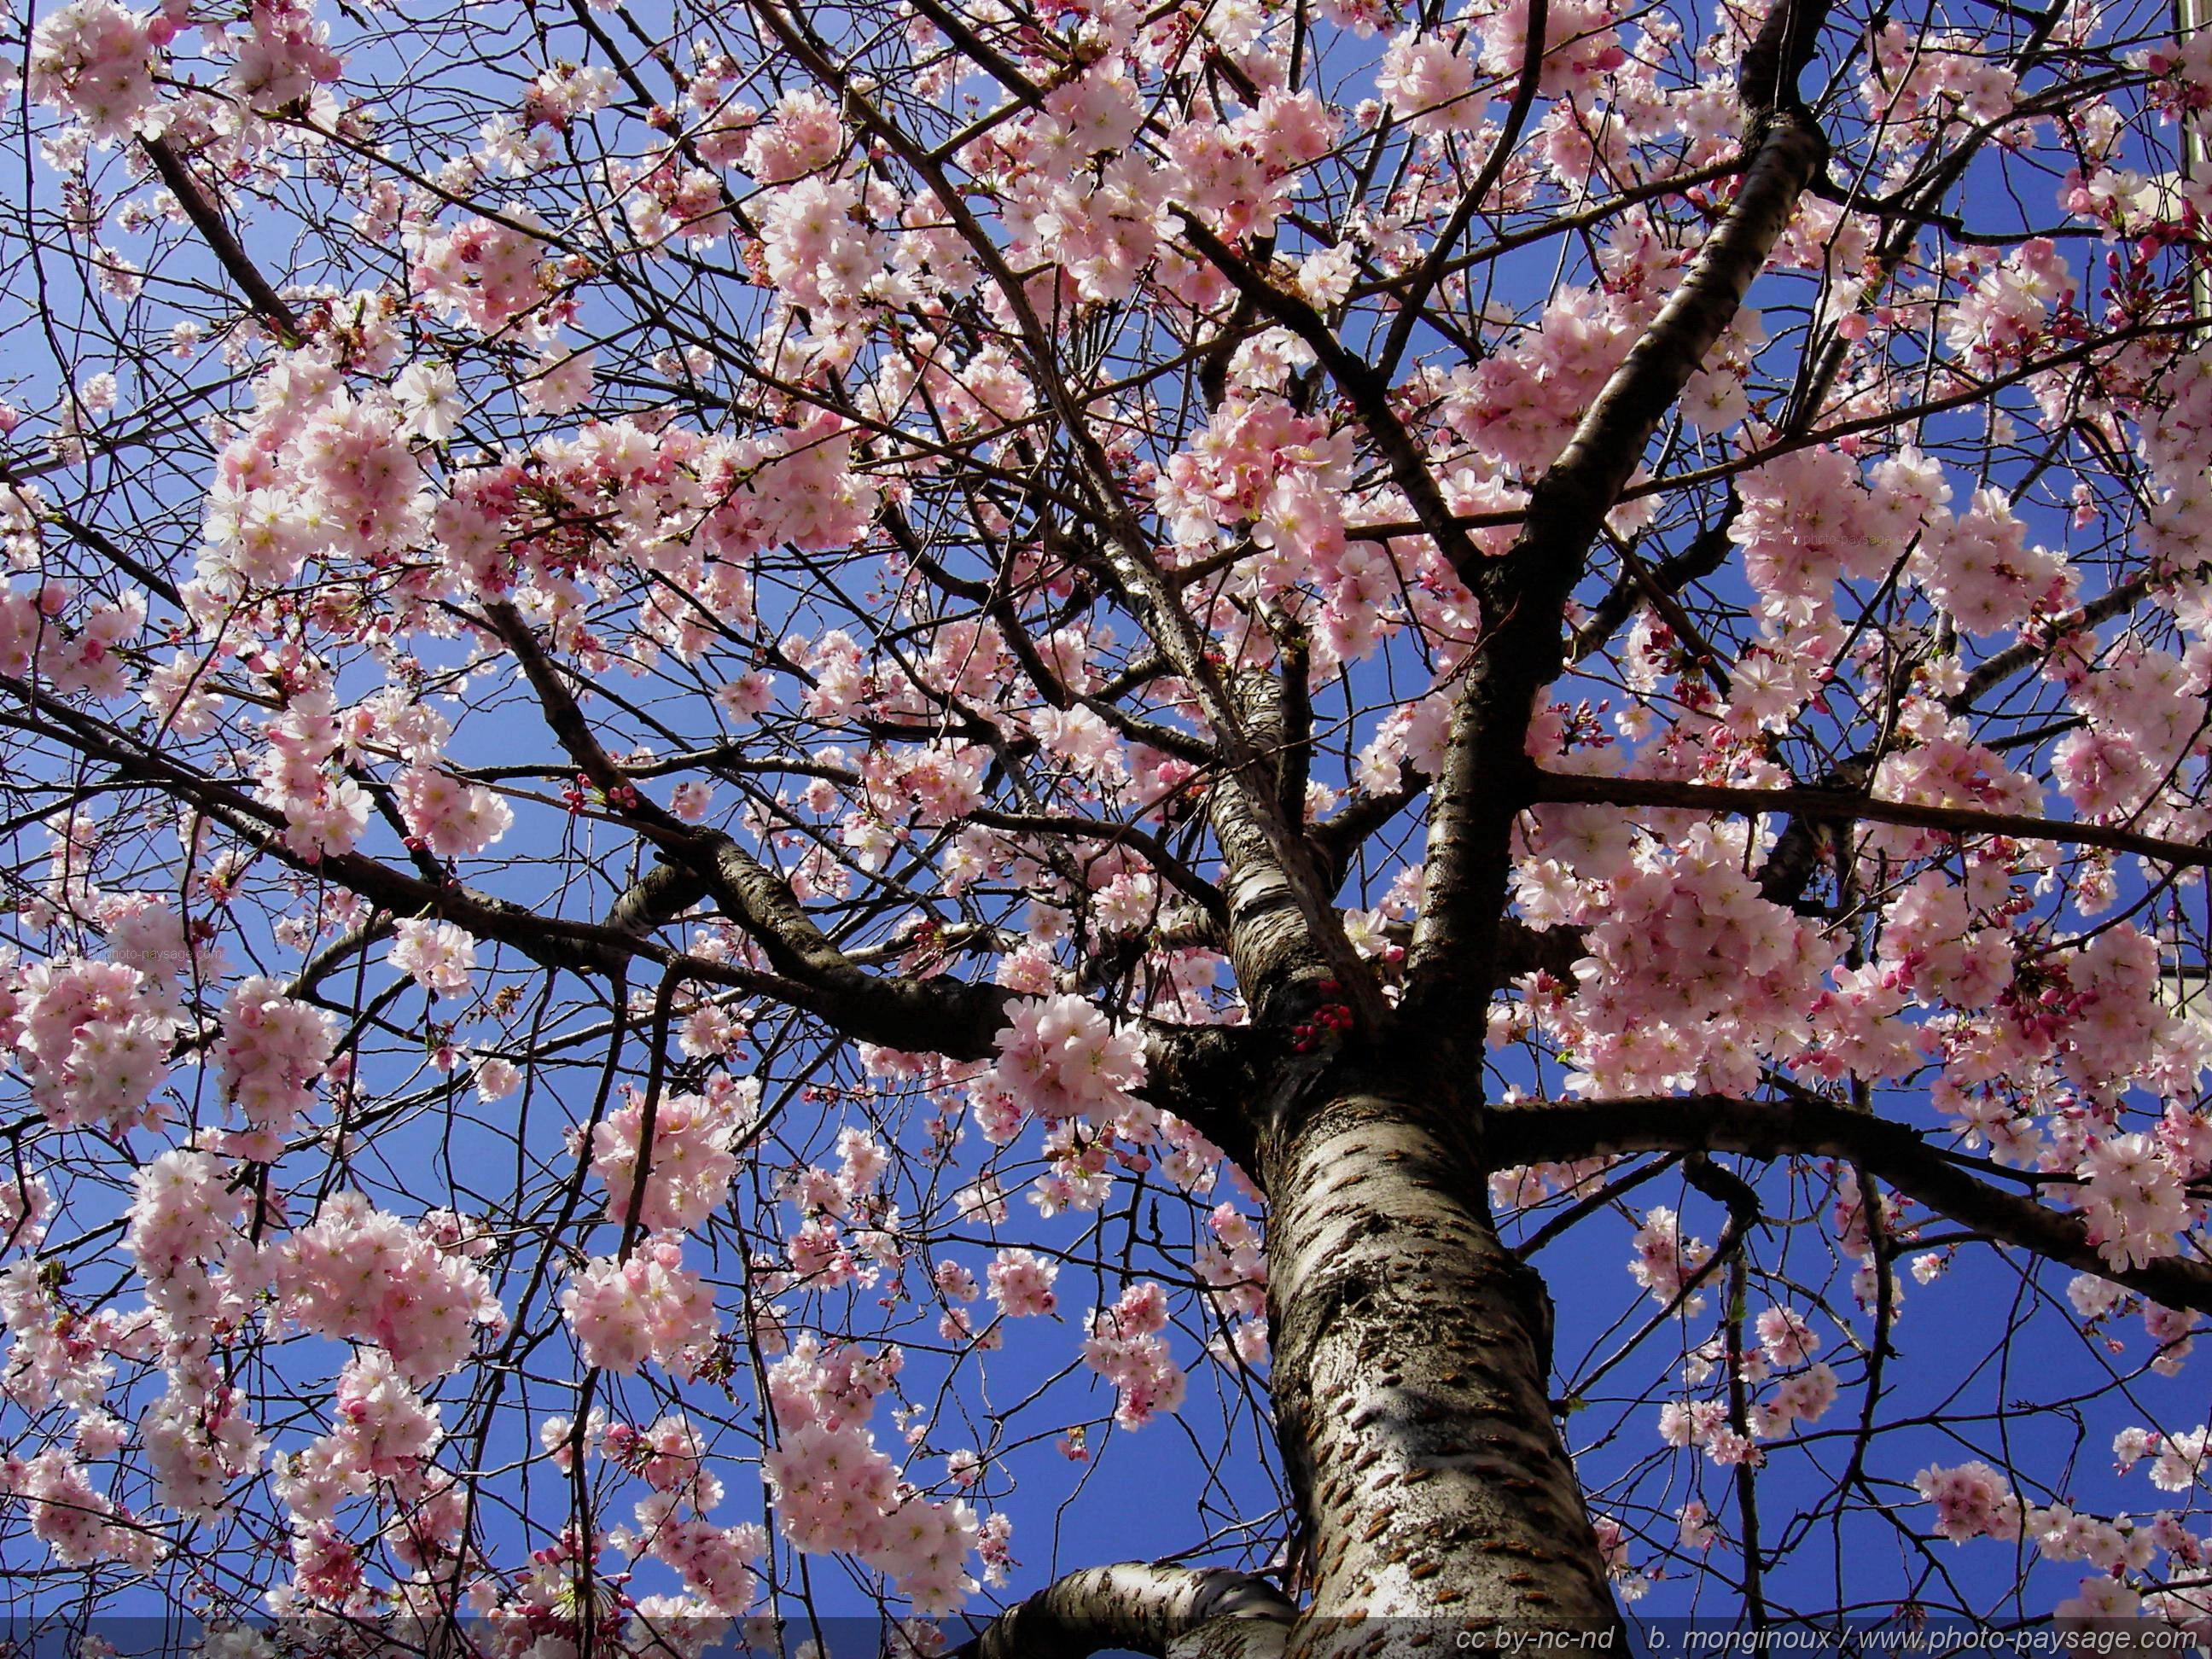 Les parutions d'avril, fêtons le printemps |